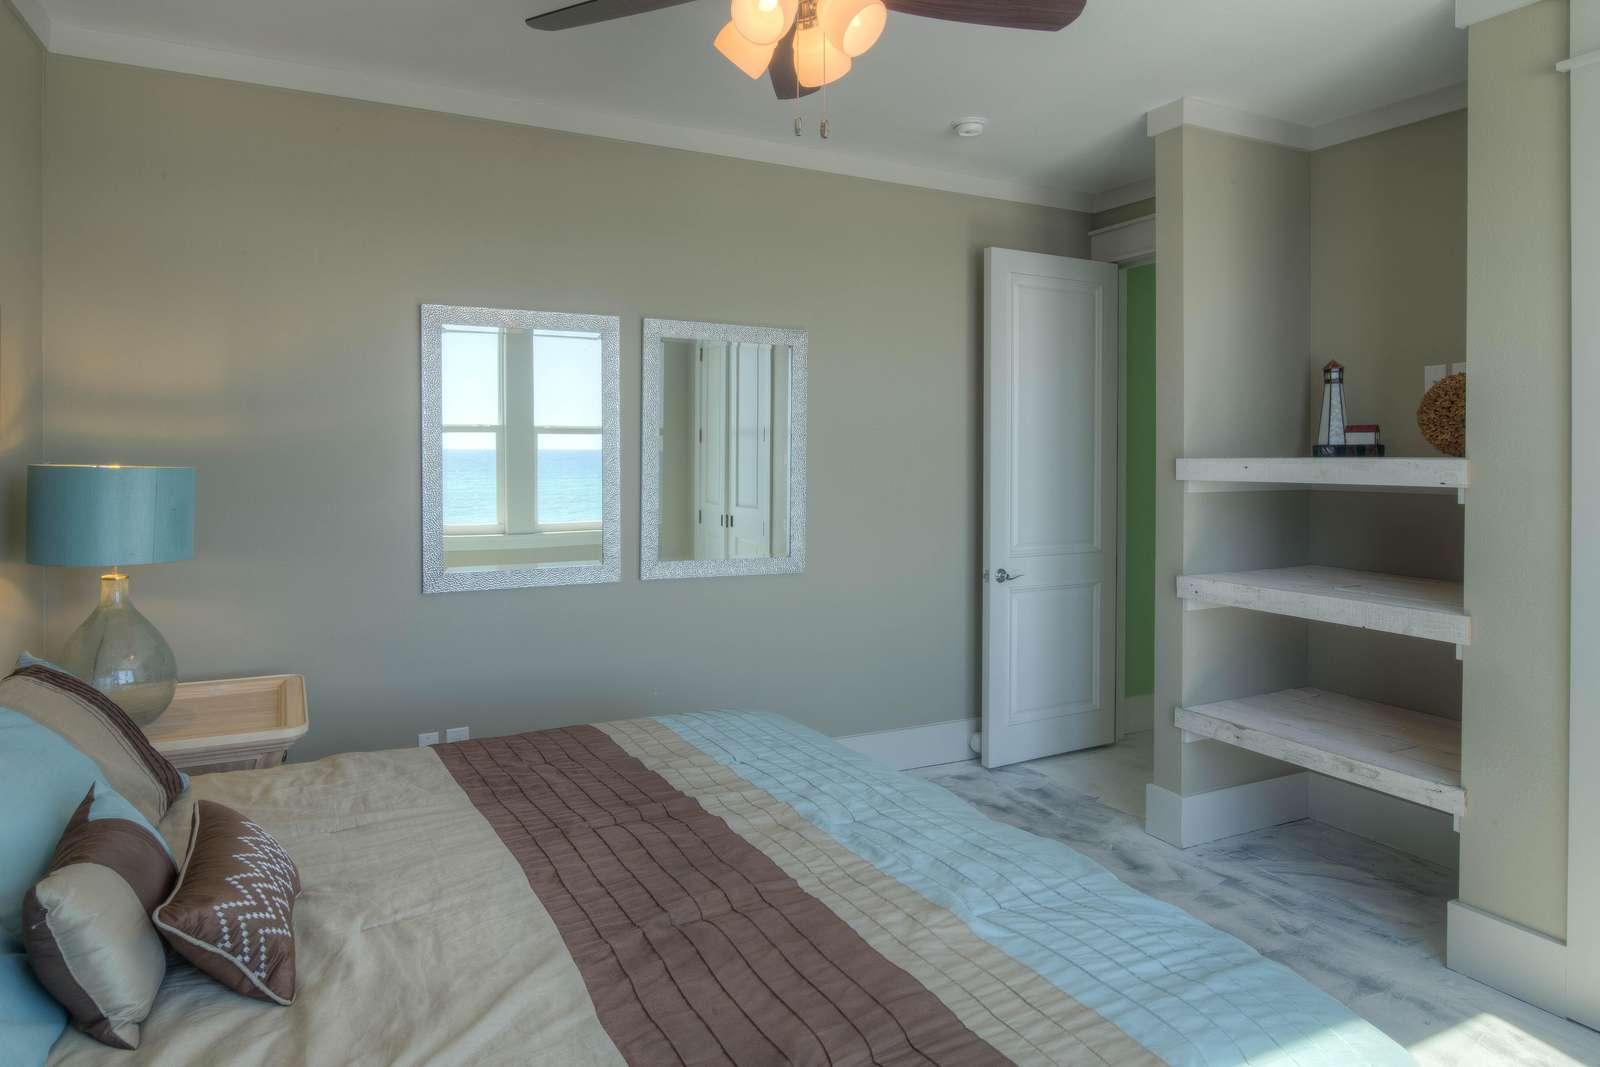 King Bedroom 4 - View 2